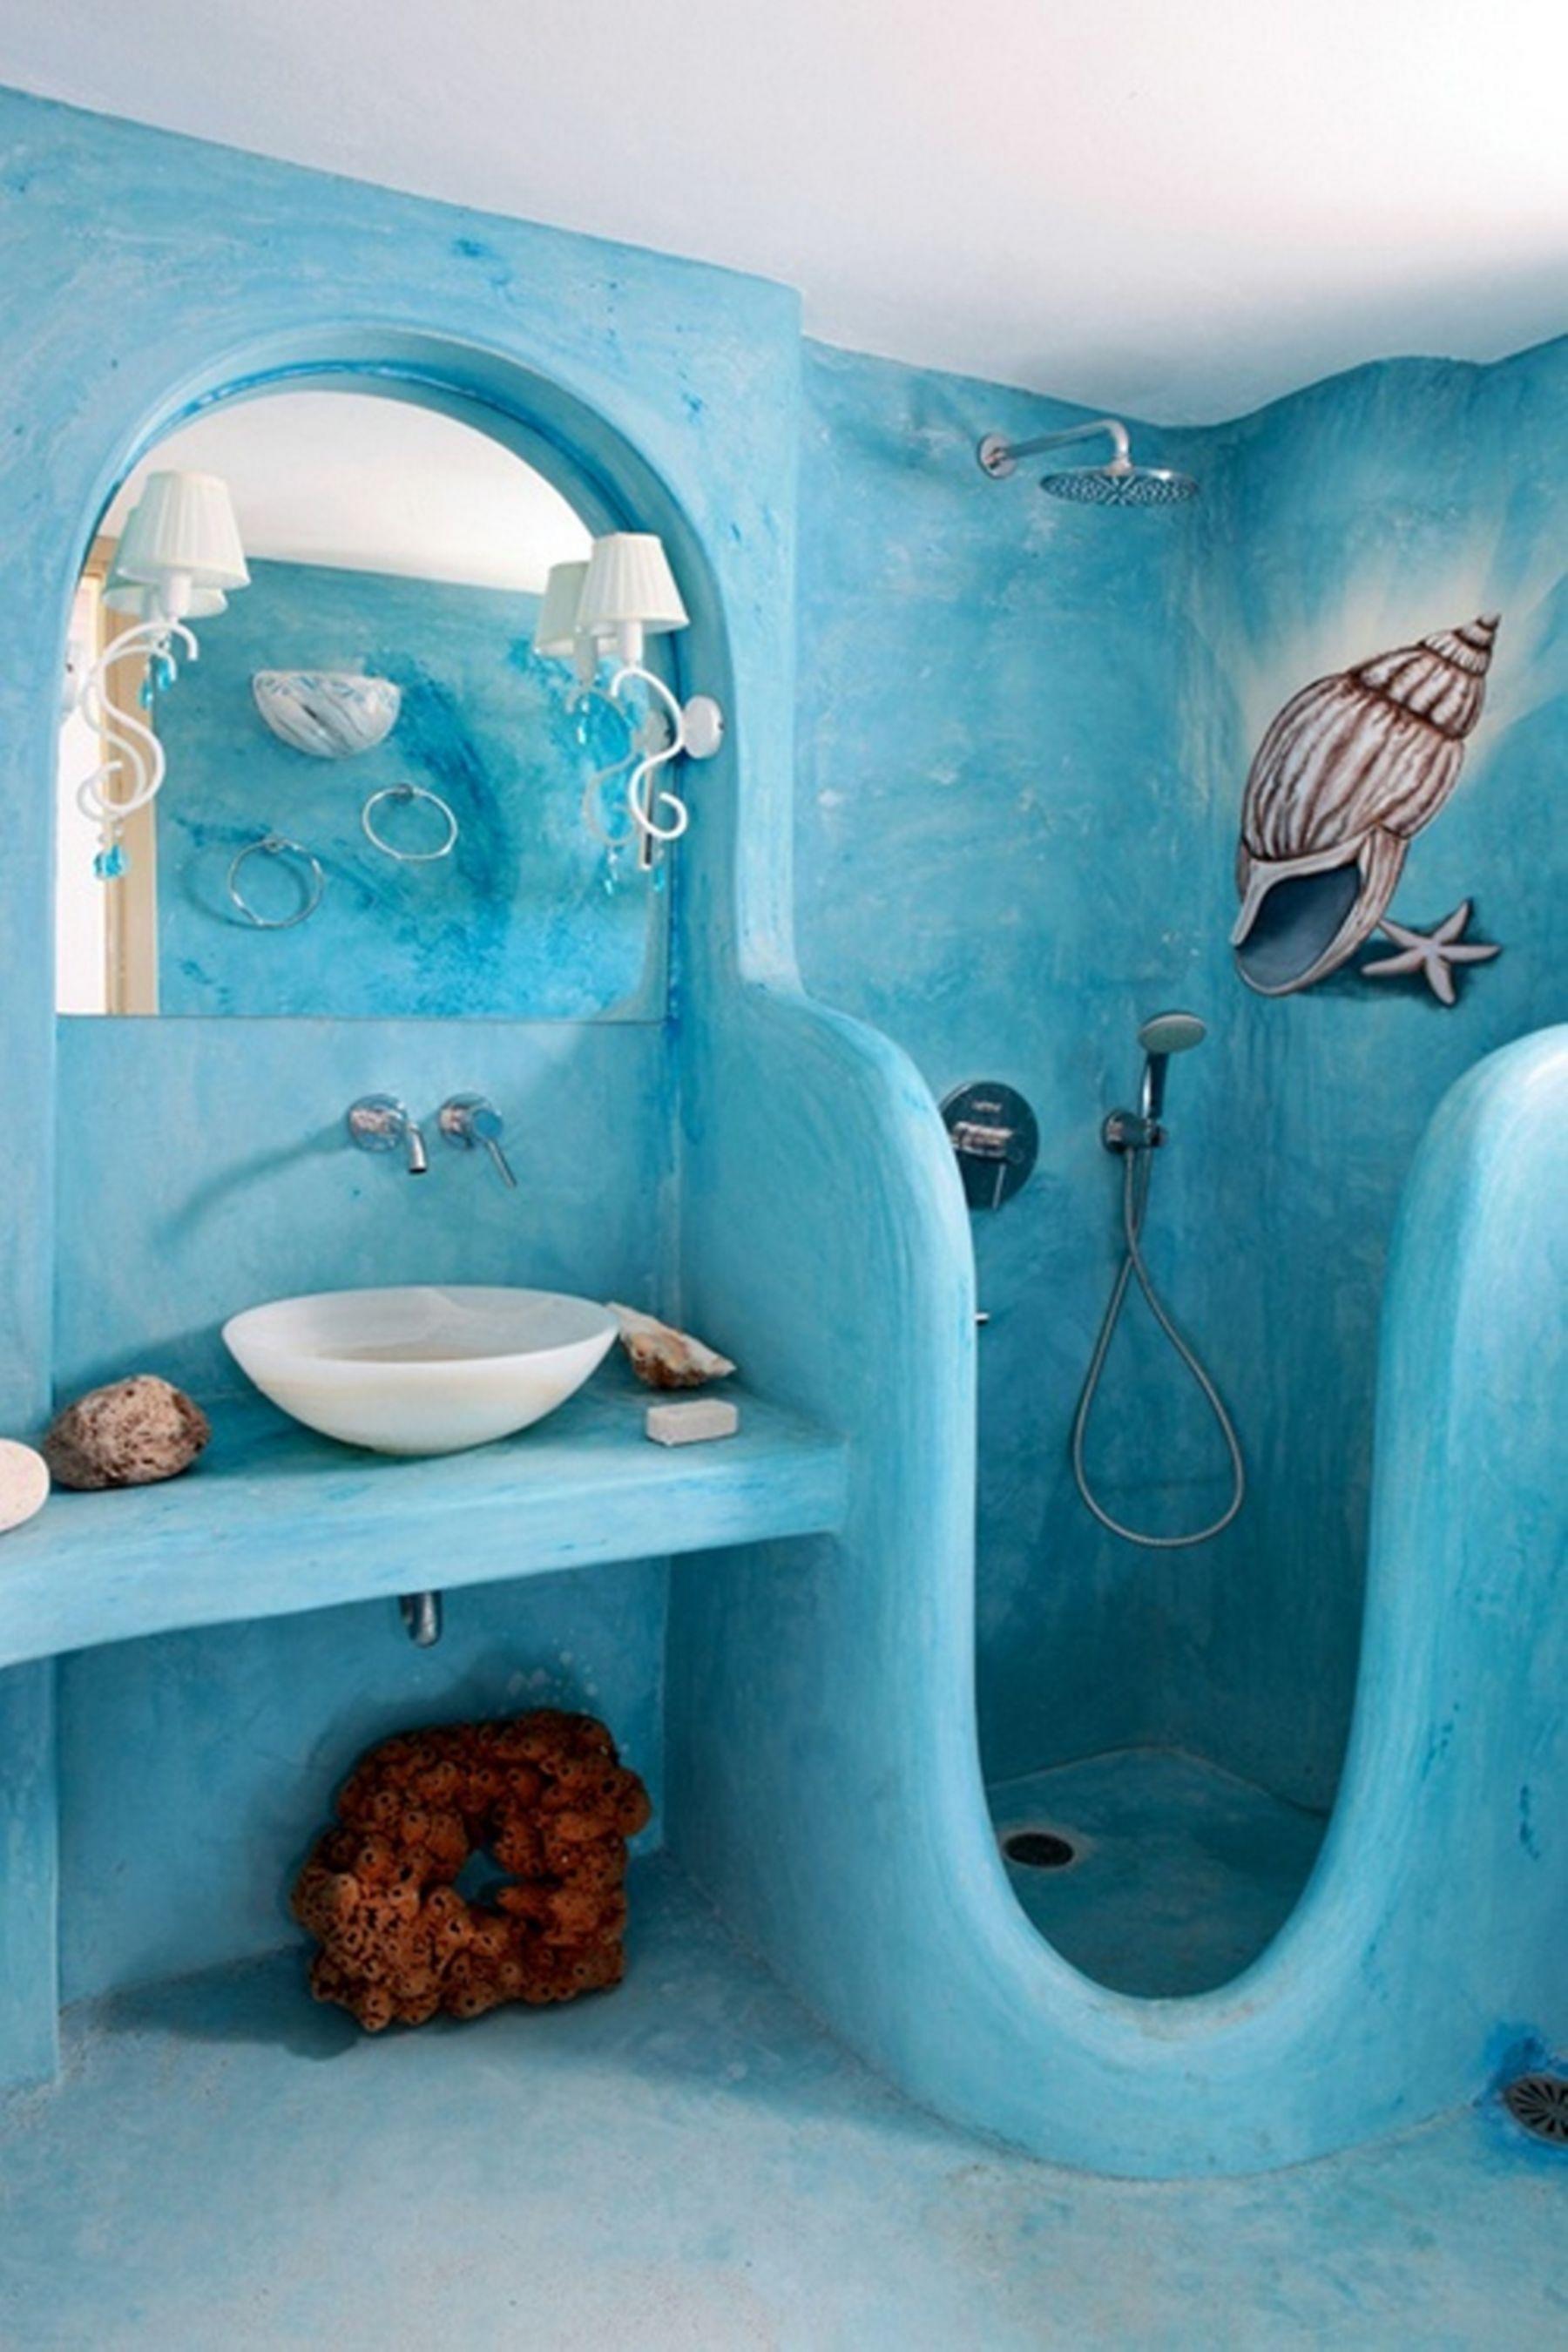 bathroom decorating ideas in blue 10 charming bathroom decorating ideas with diy mermaid decor  with  decorating ideas with diy mermaid decor